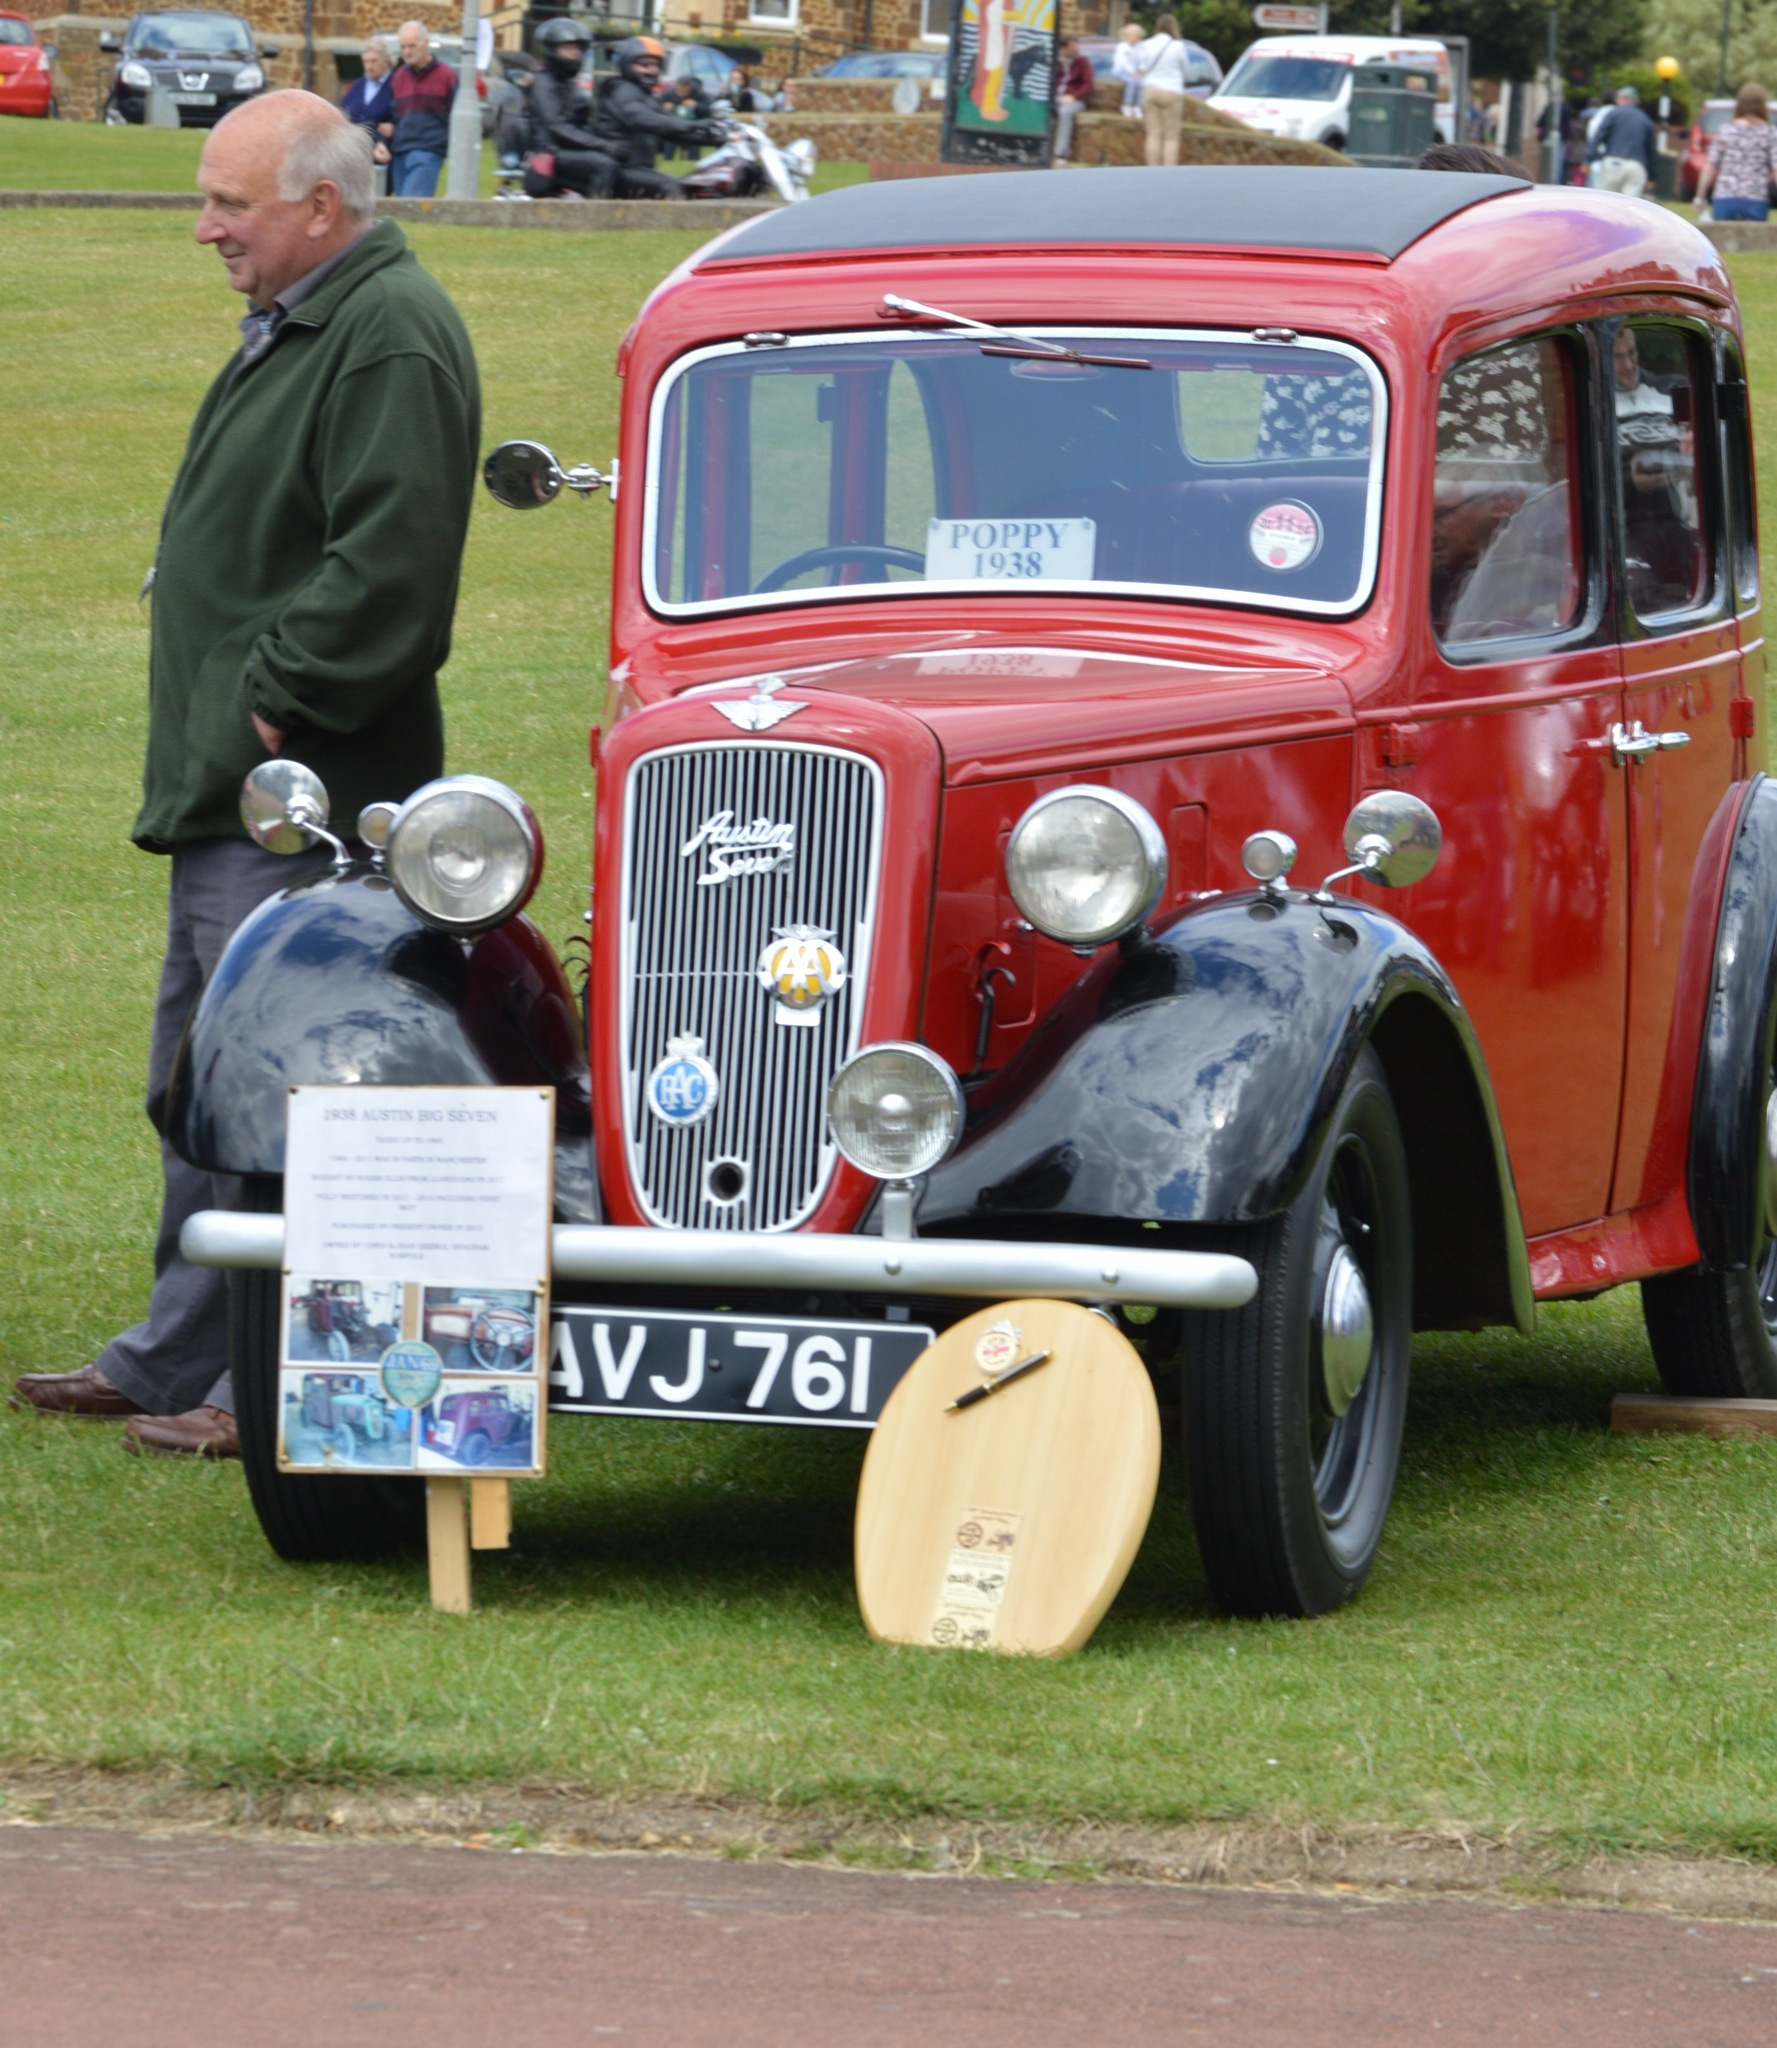 Old Car by Gordon